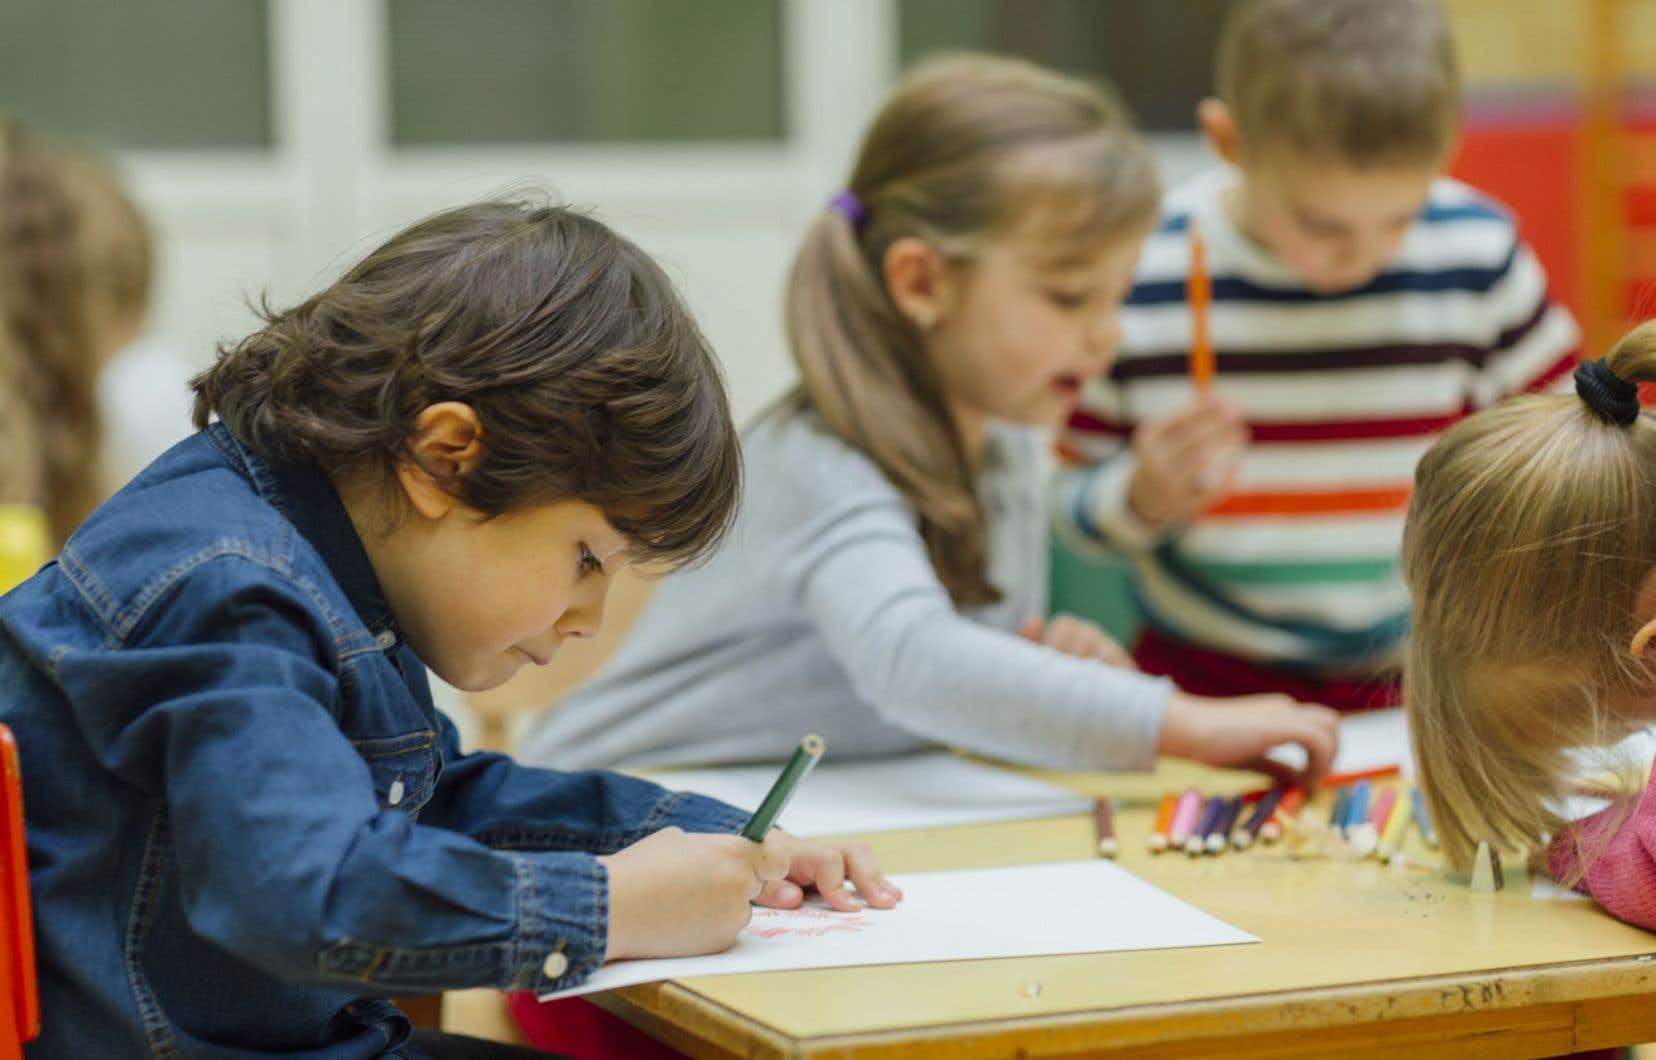 «La vraie question qu'il importe de se poser, que l'on soit enseignant, parent, ou simple citoyen, est la suivante: quelle école voulons-nous?», questionne l'auteur.